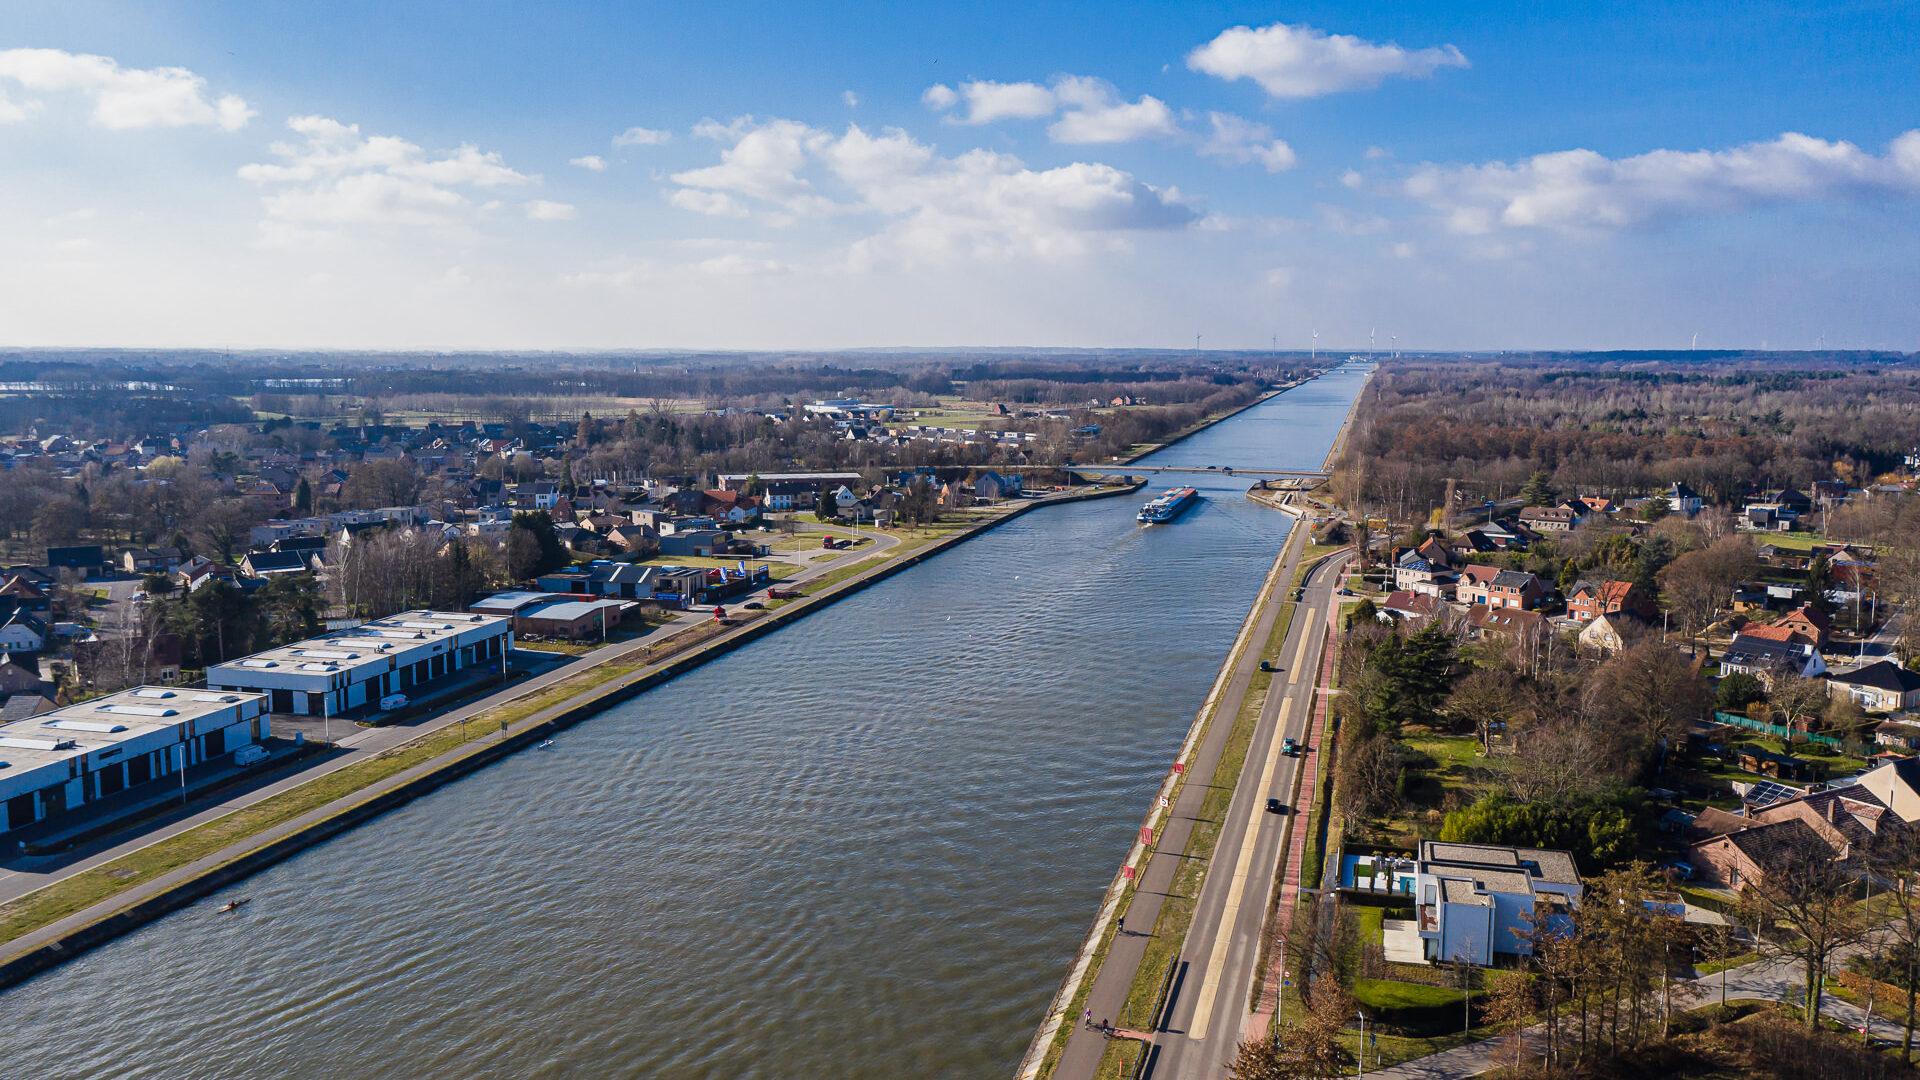 monerikstraat_omgeving-20210224-web-1